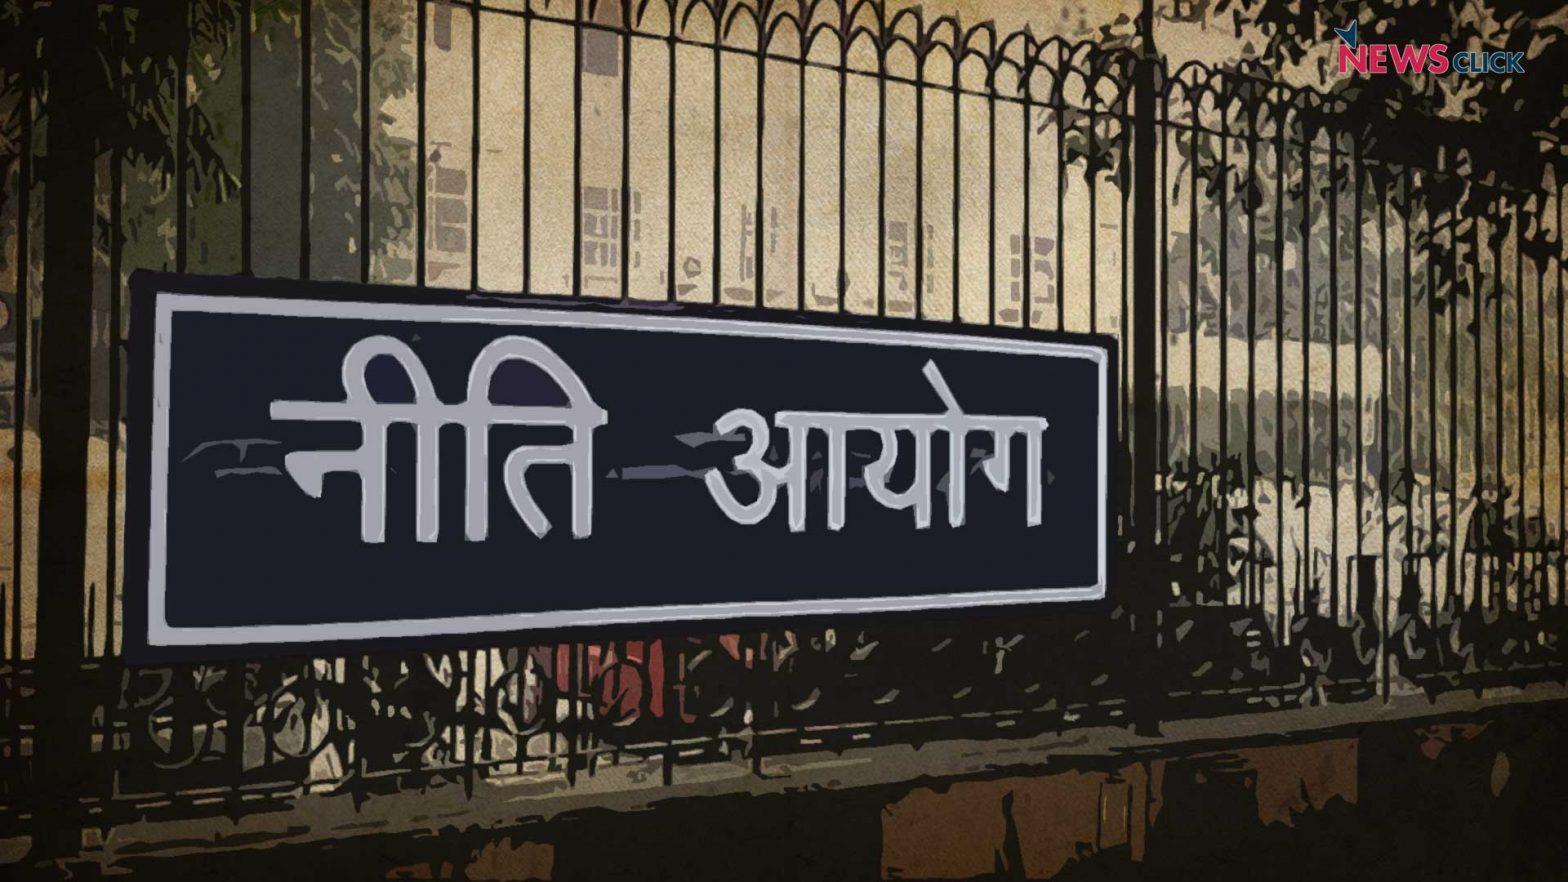 NITI Aayog recommends privatisation of Central Bank, Indian Overseas Bank | नीती आयोगाने इंडियन ओव्हरसीज बँक, सेंट्रल बँकचे खासगीकरण करण्याची शिफारस केली आहे_40.1